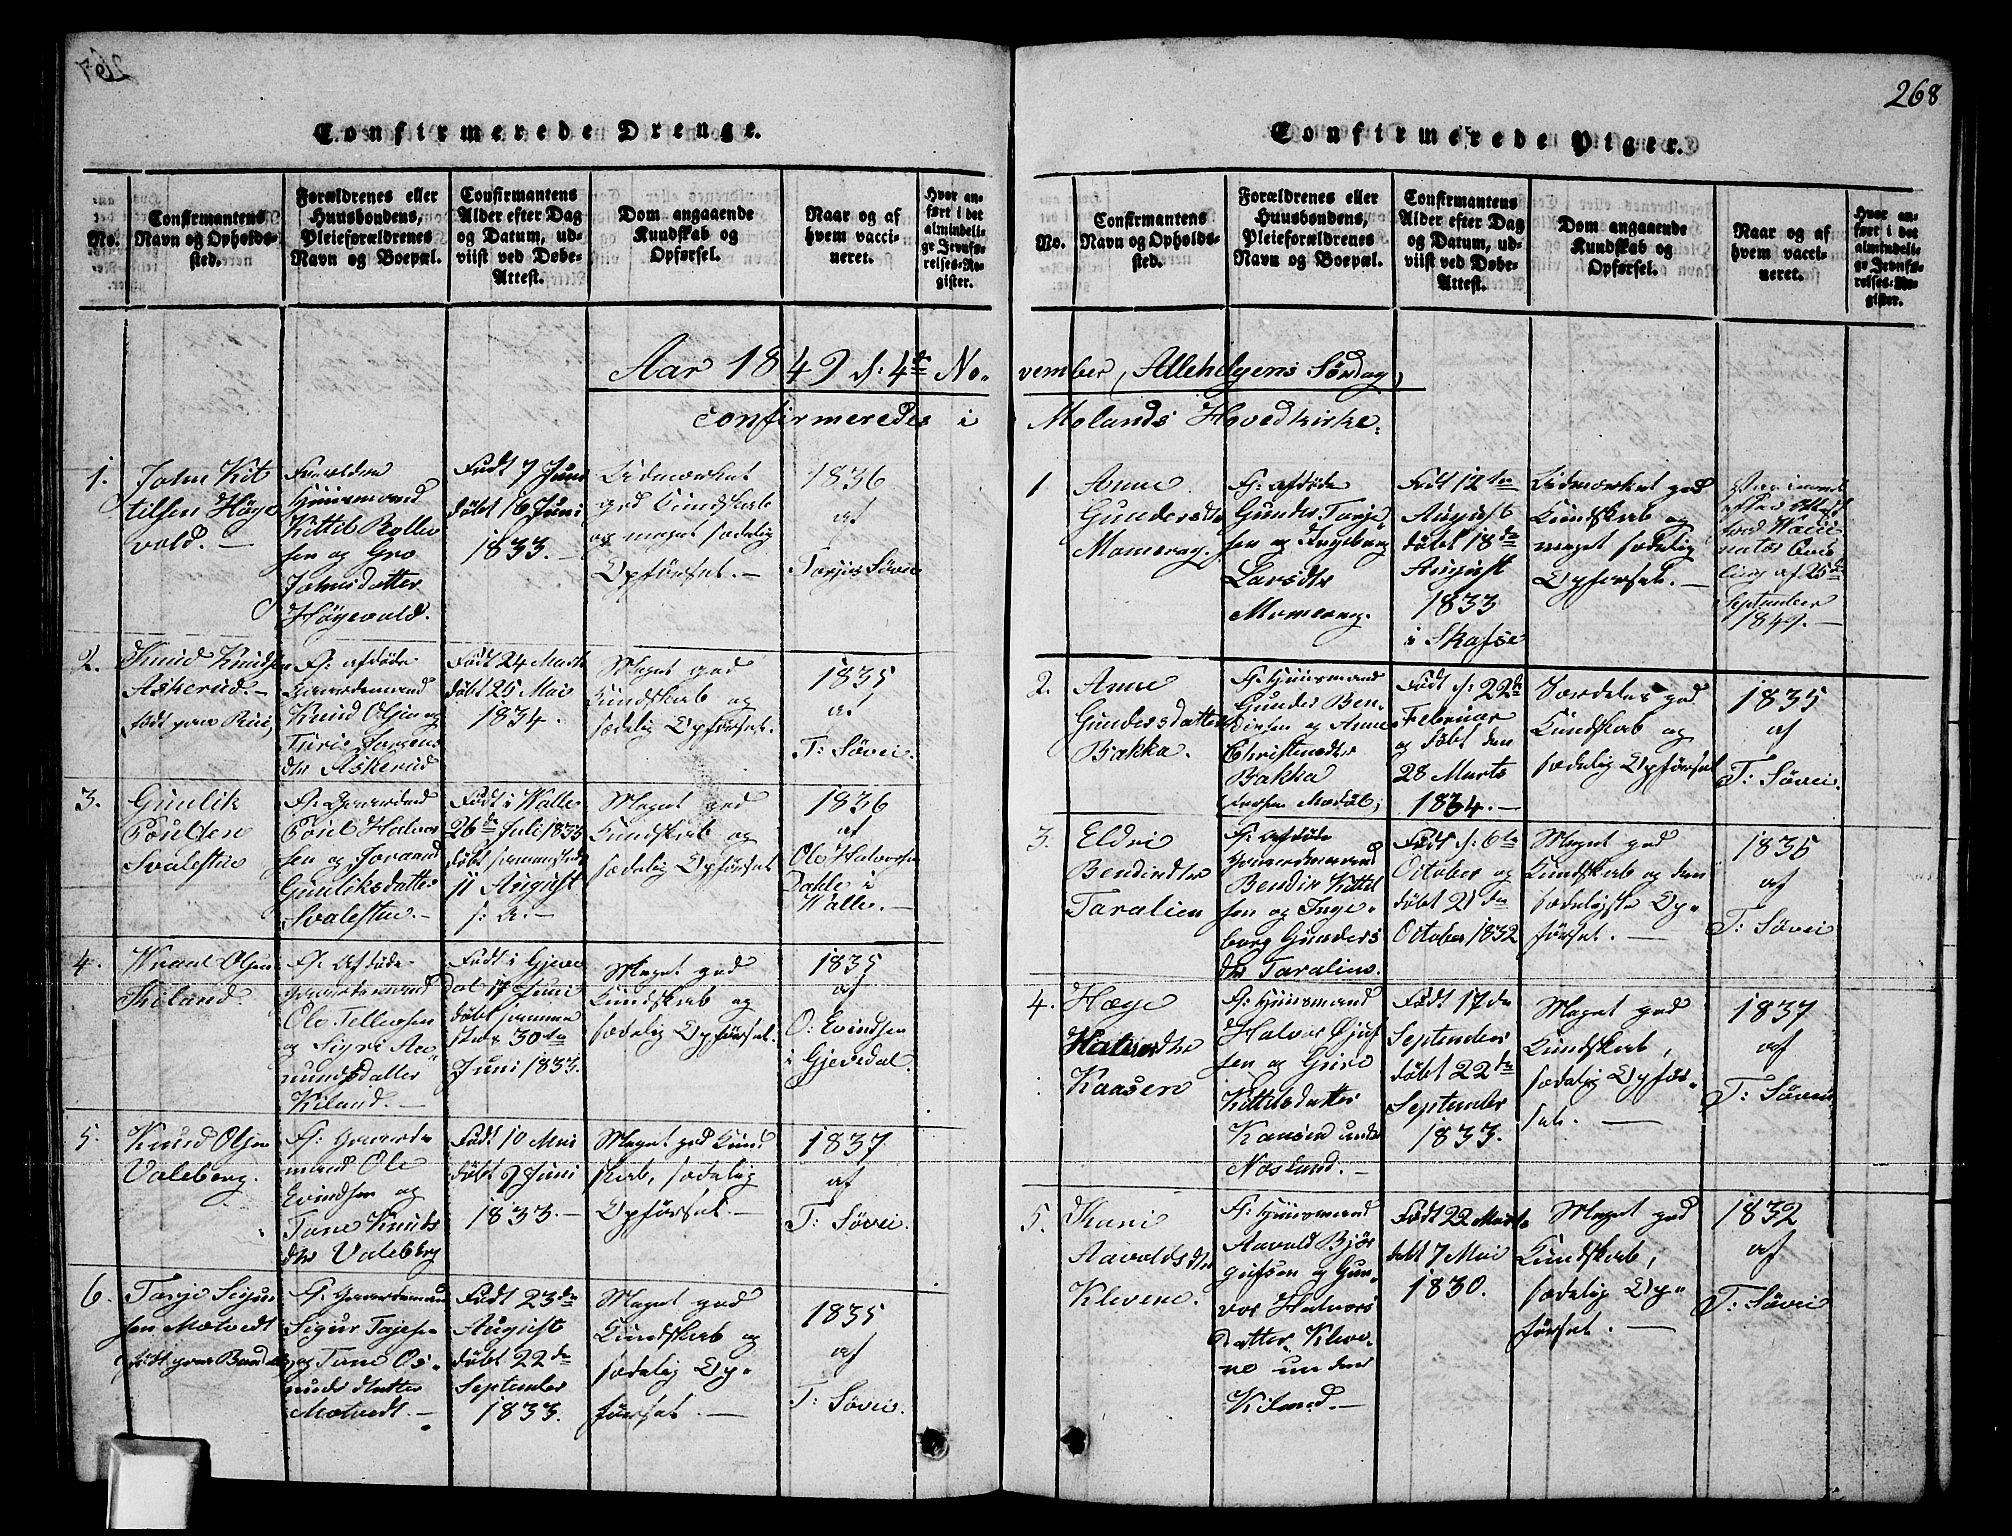 SAKO, Fyresdal kirkebøker, G/Ga/L0002: Klokkerbok nr. I 2, 1815-1857, s. 268